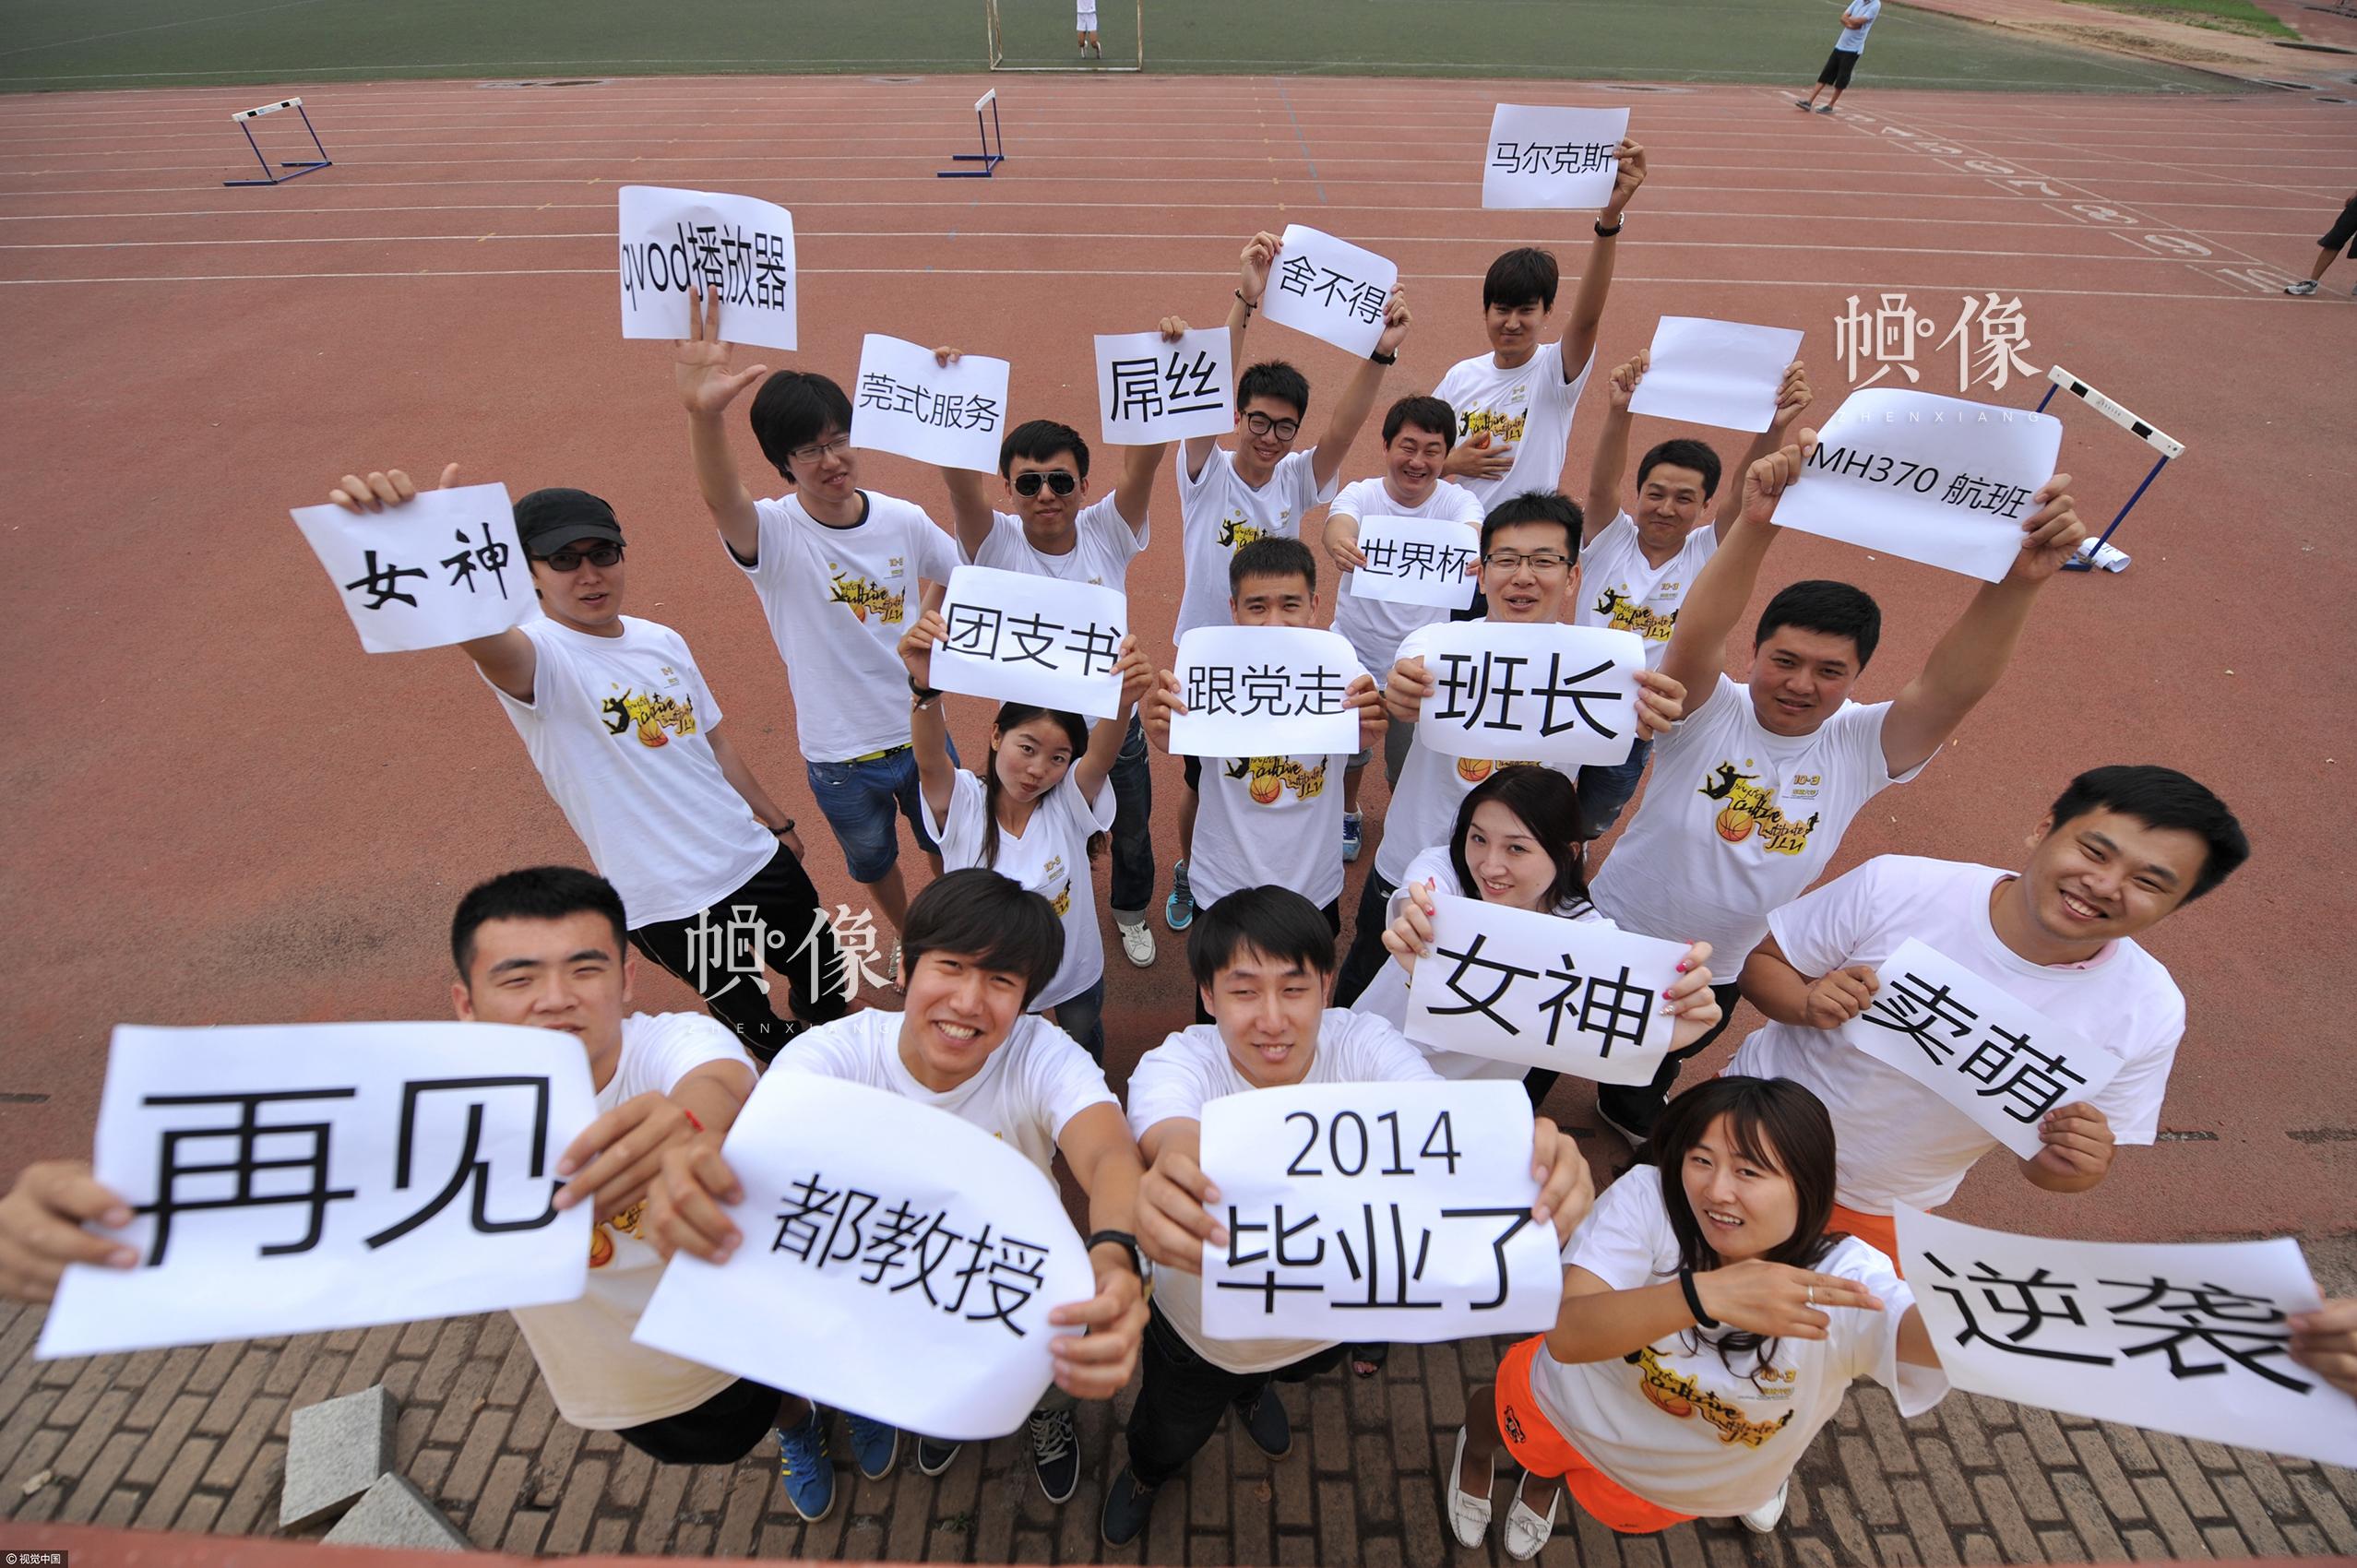 2014年6月18日,吉林省长春市,同学们打印2014年网络热词拍照留作纪念。视觉中国供图